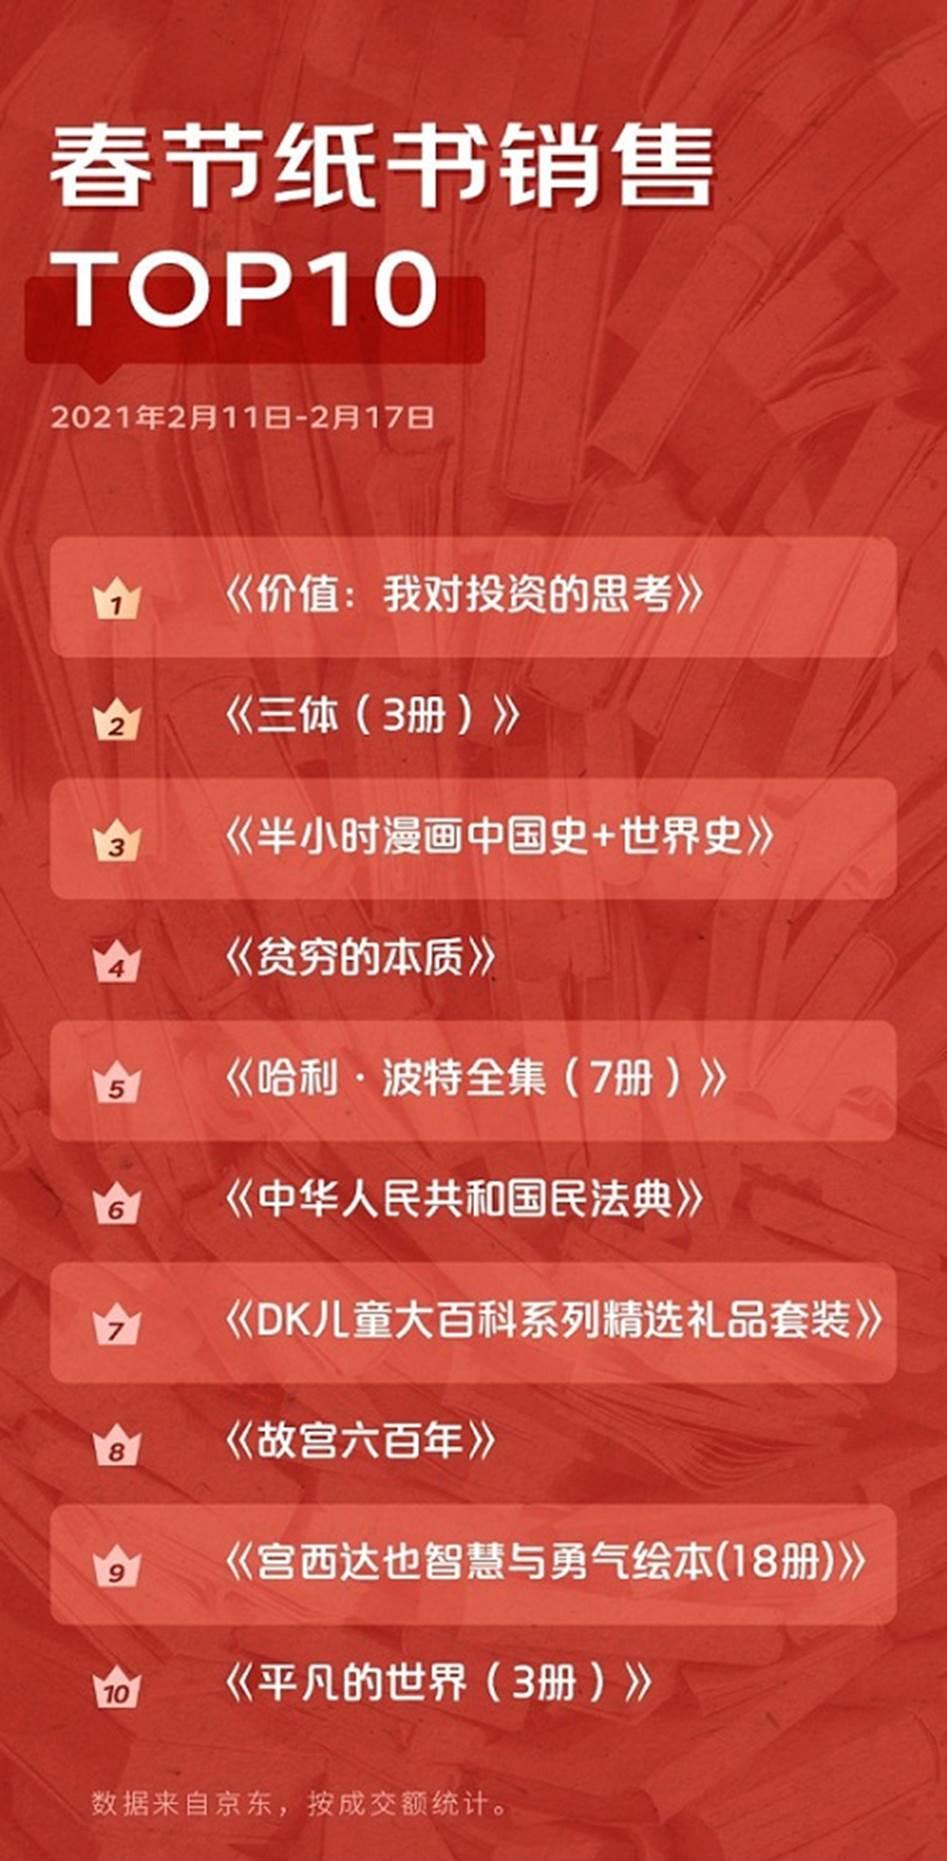 京东图书发布2021春节热销榜